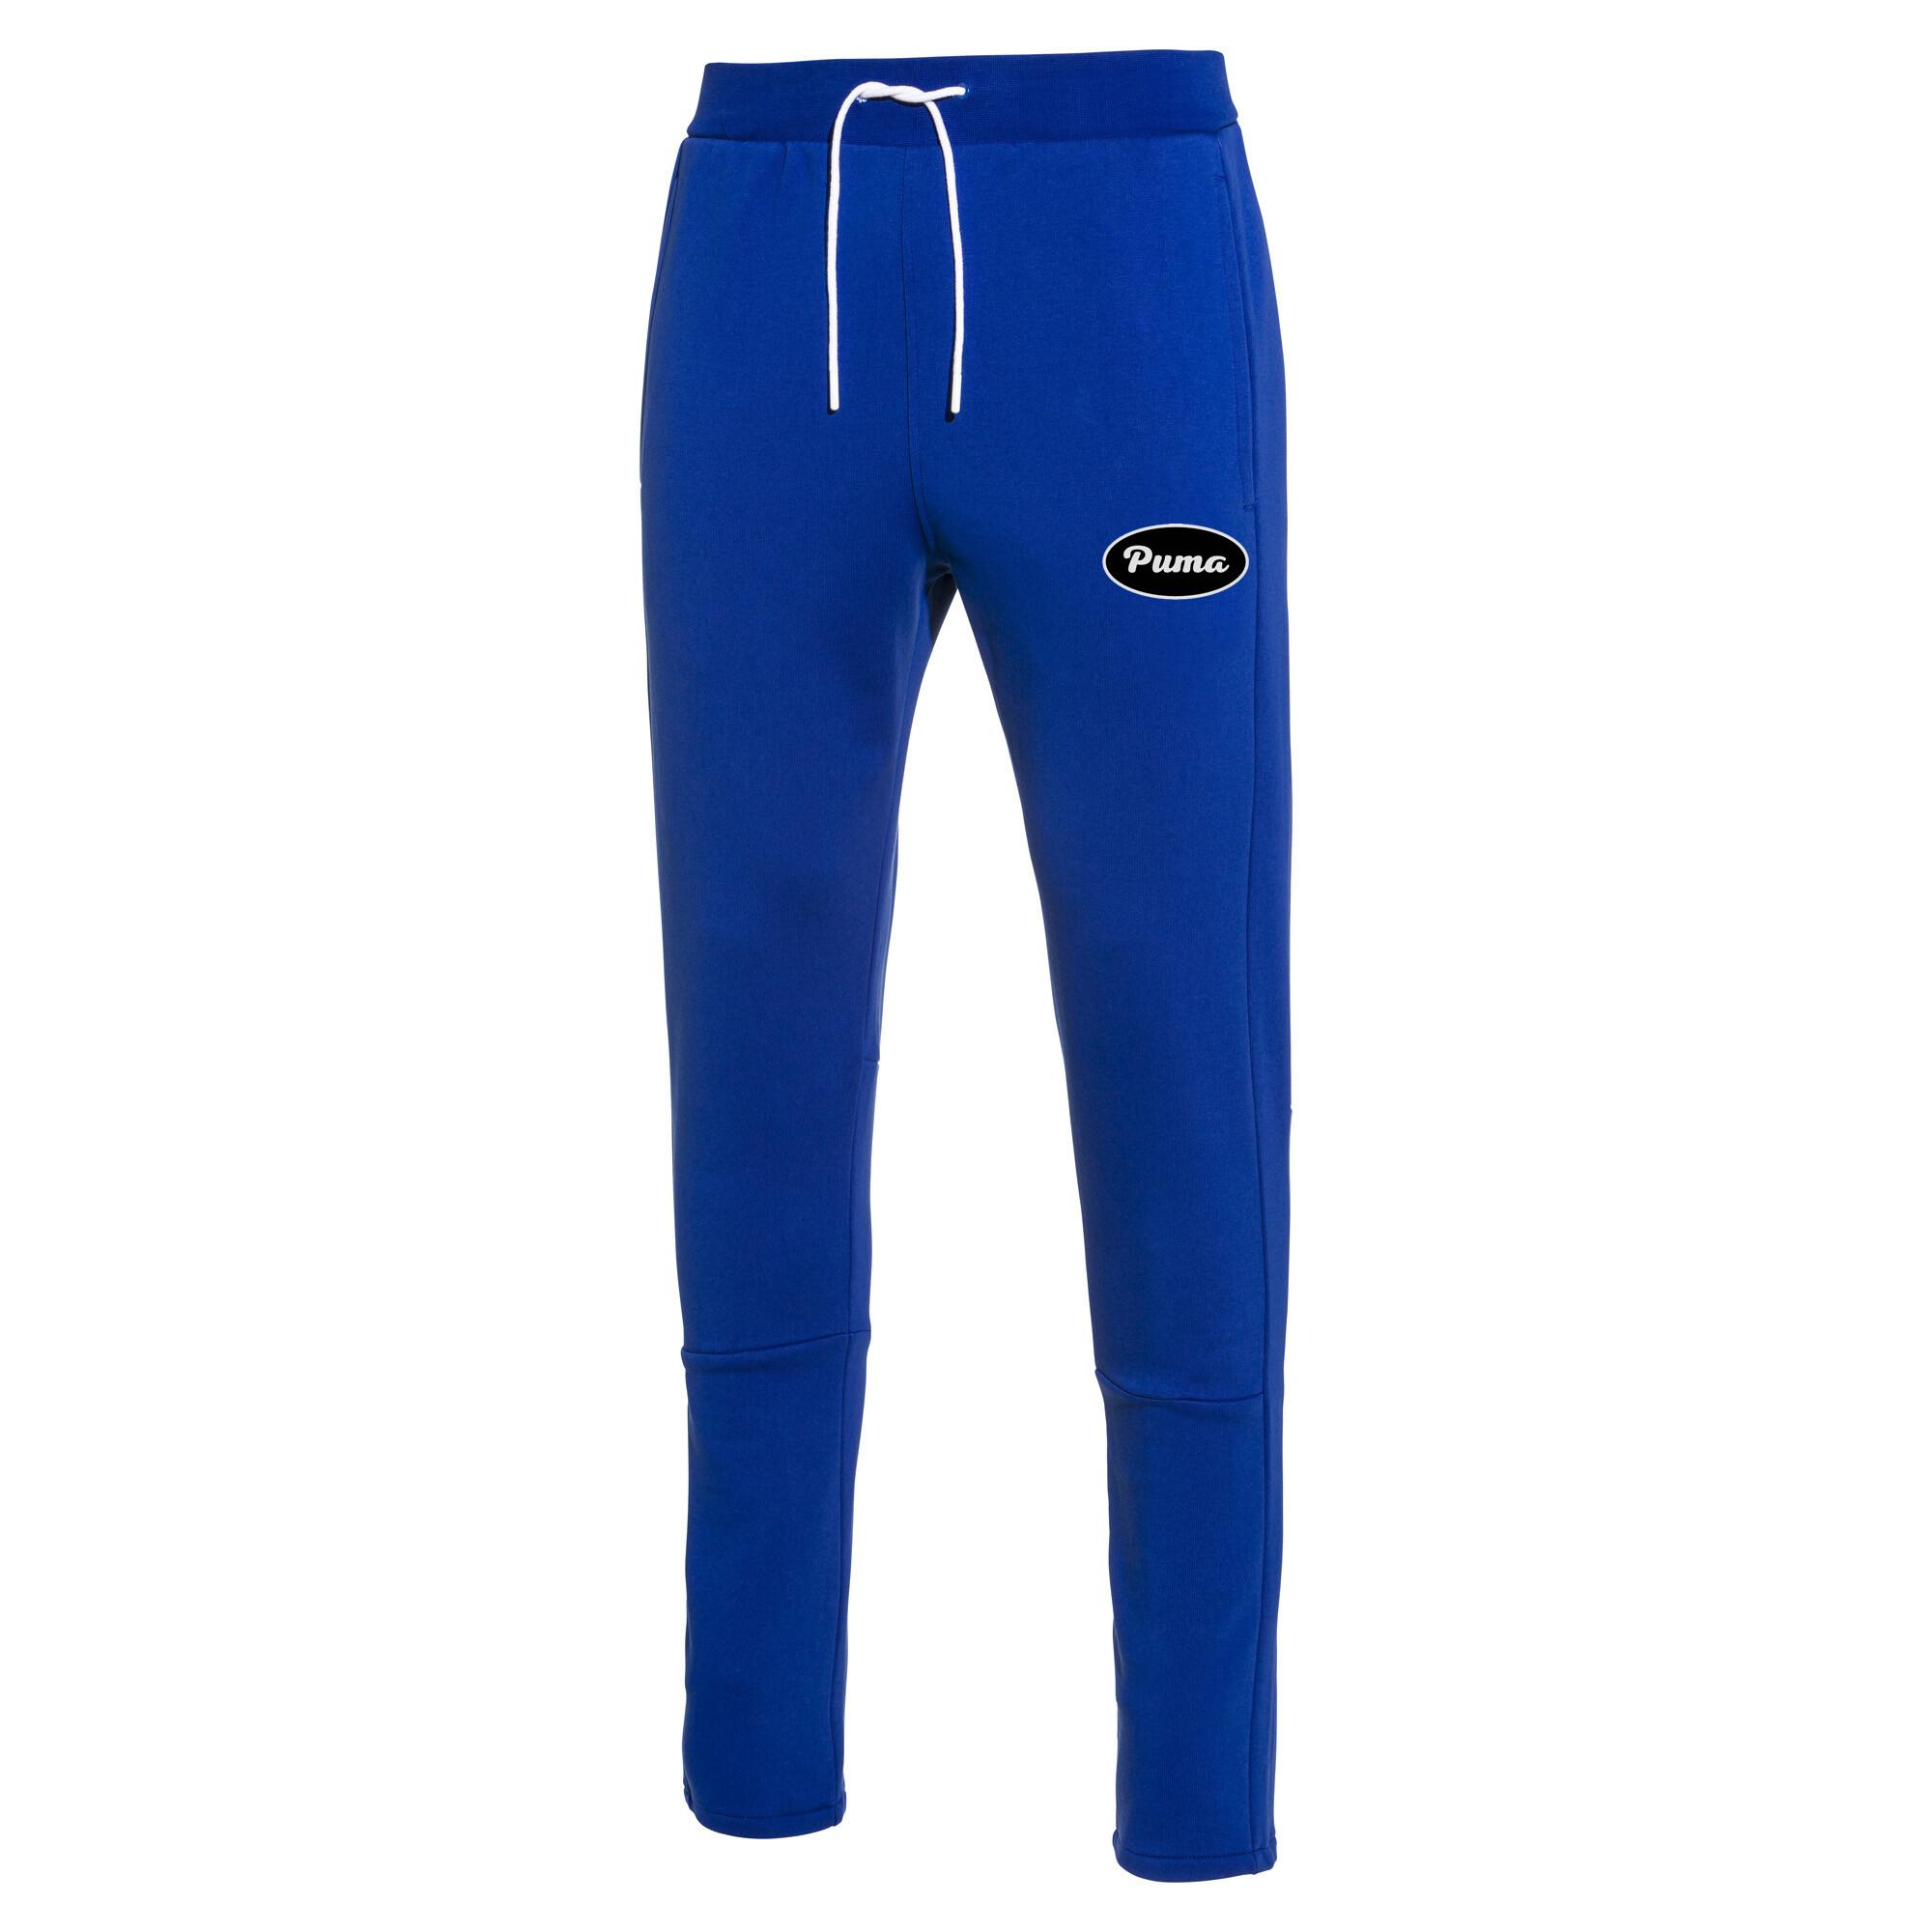 Image Puma PUMA 91074 Men's T7 Pants #1